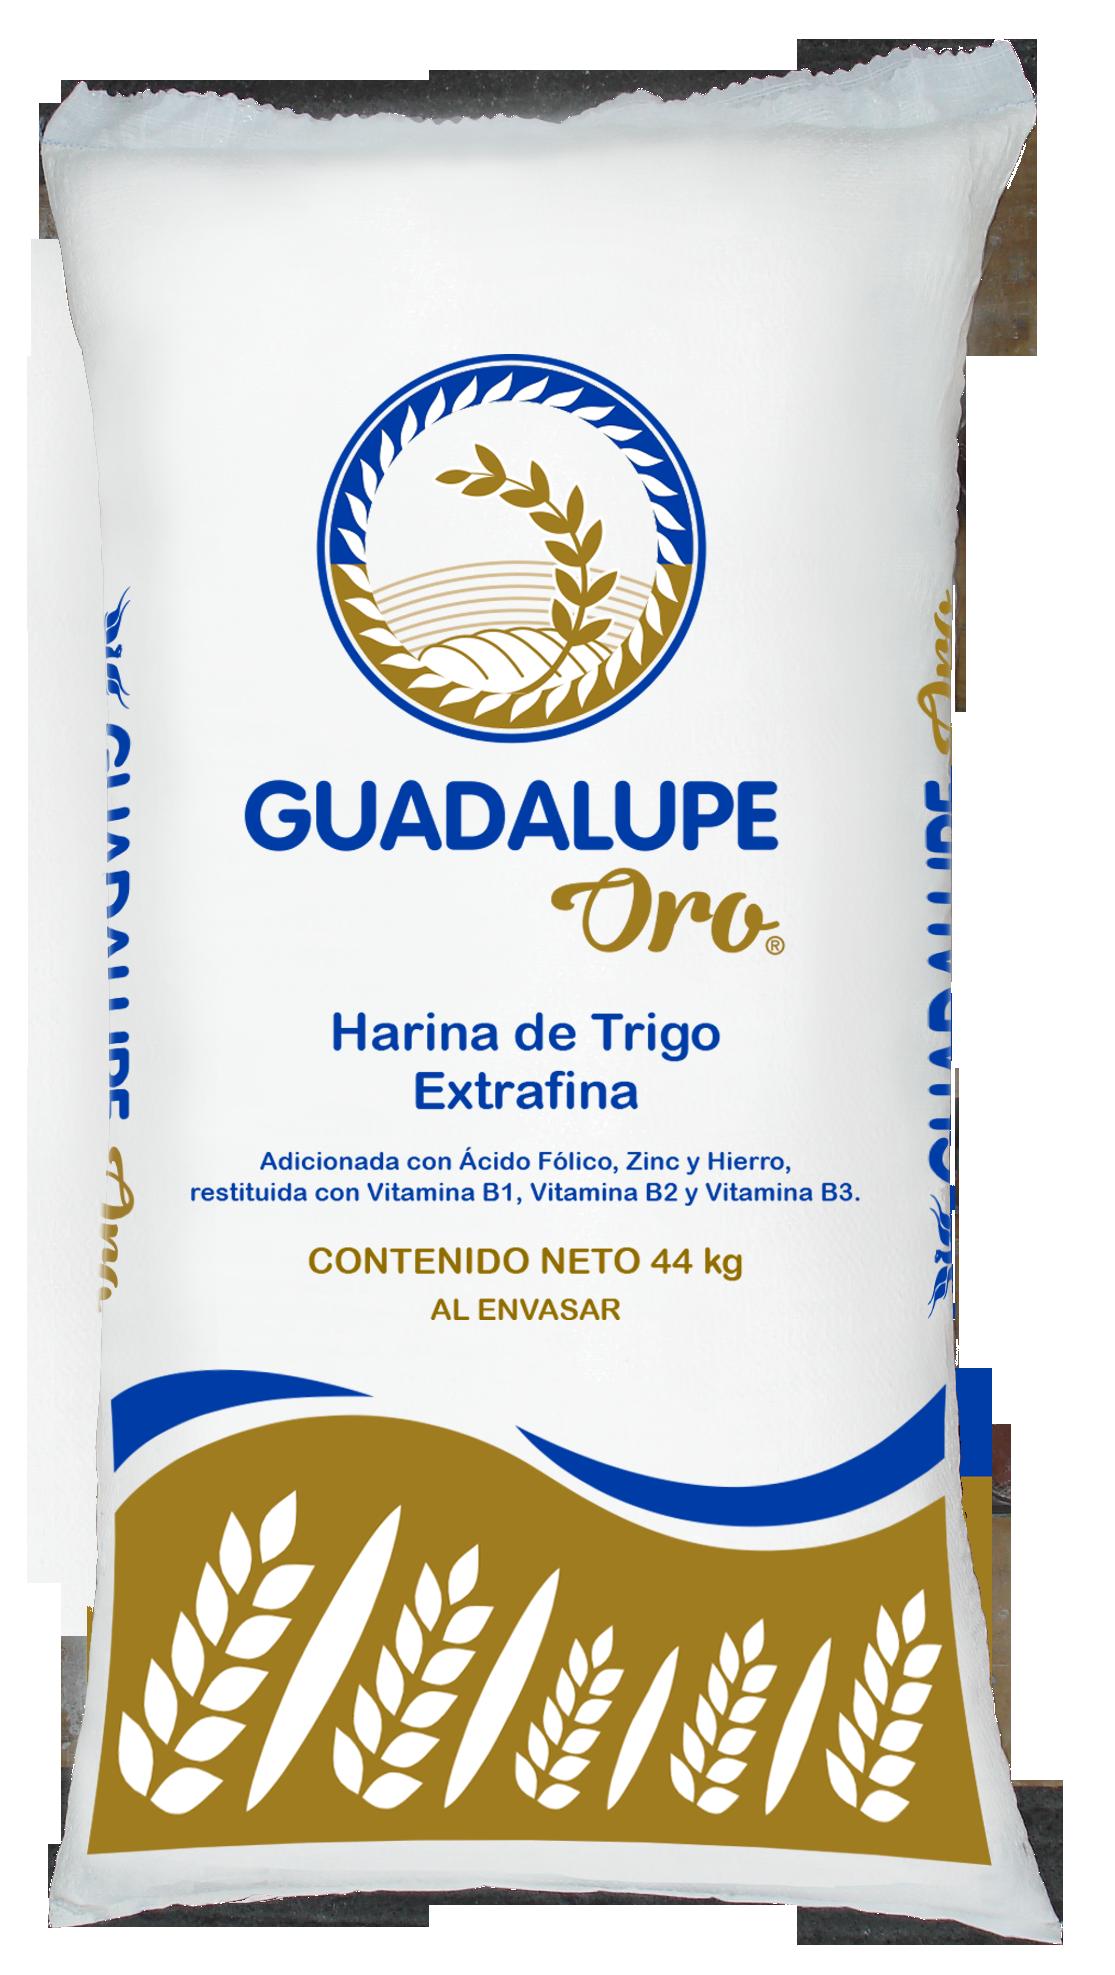 Presentaciones de Harina de Trigo Guadalupe Oro